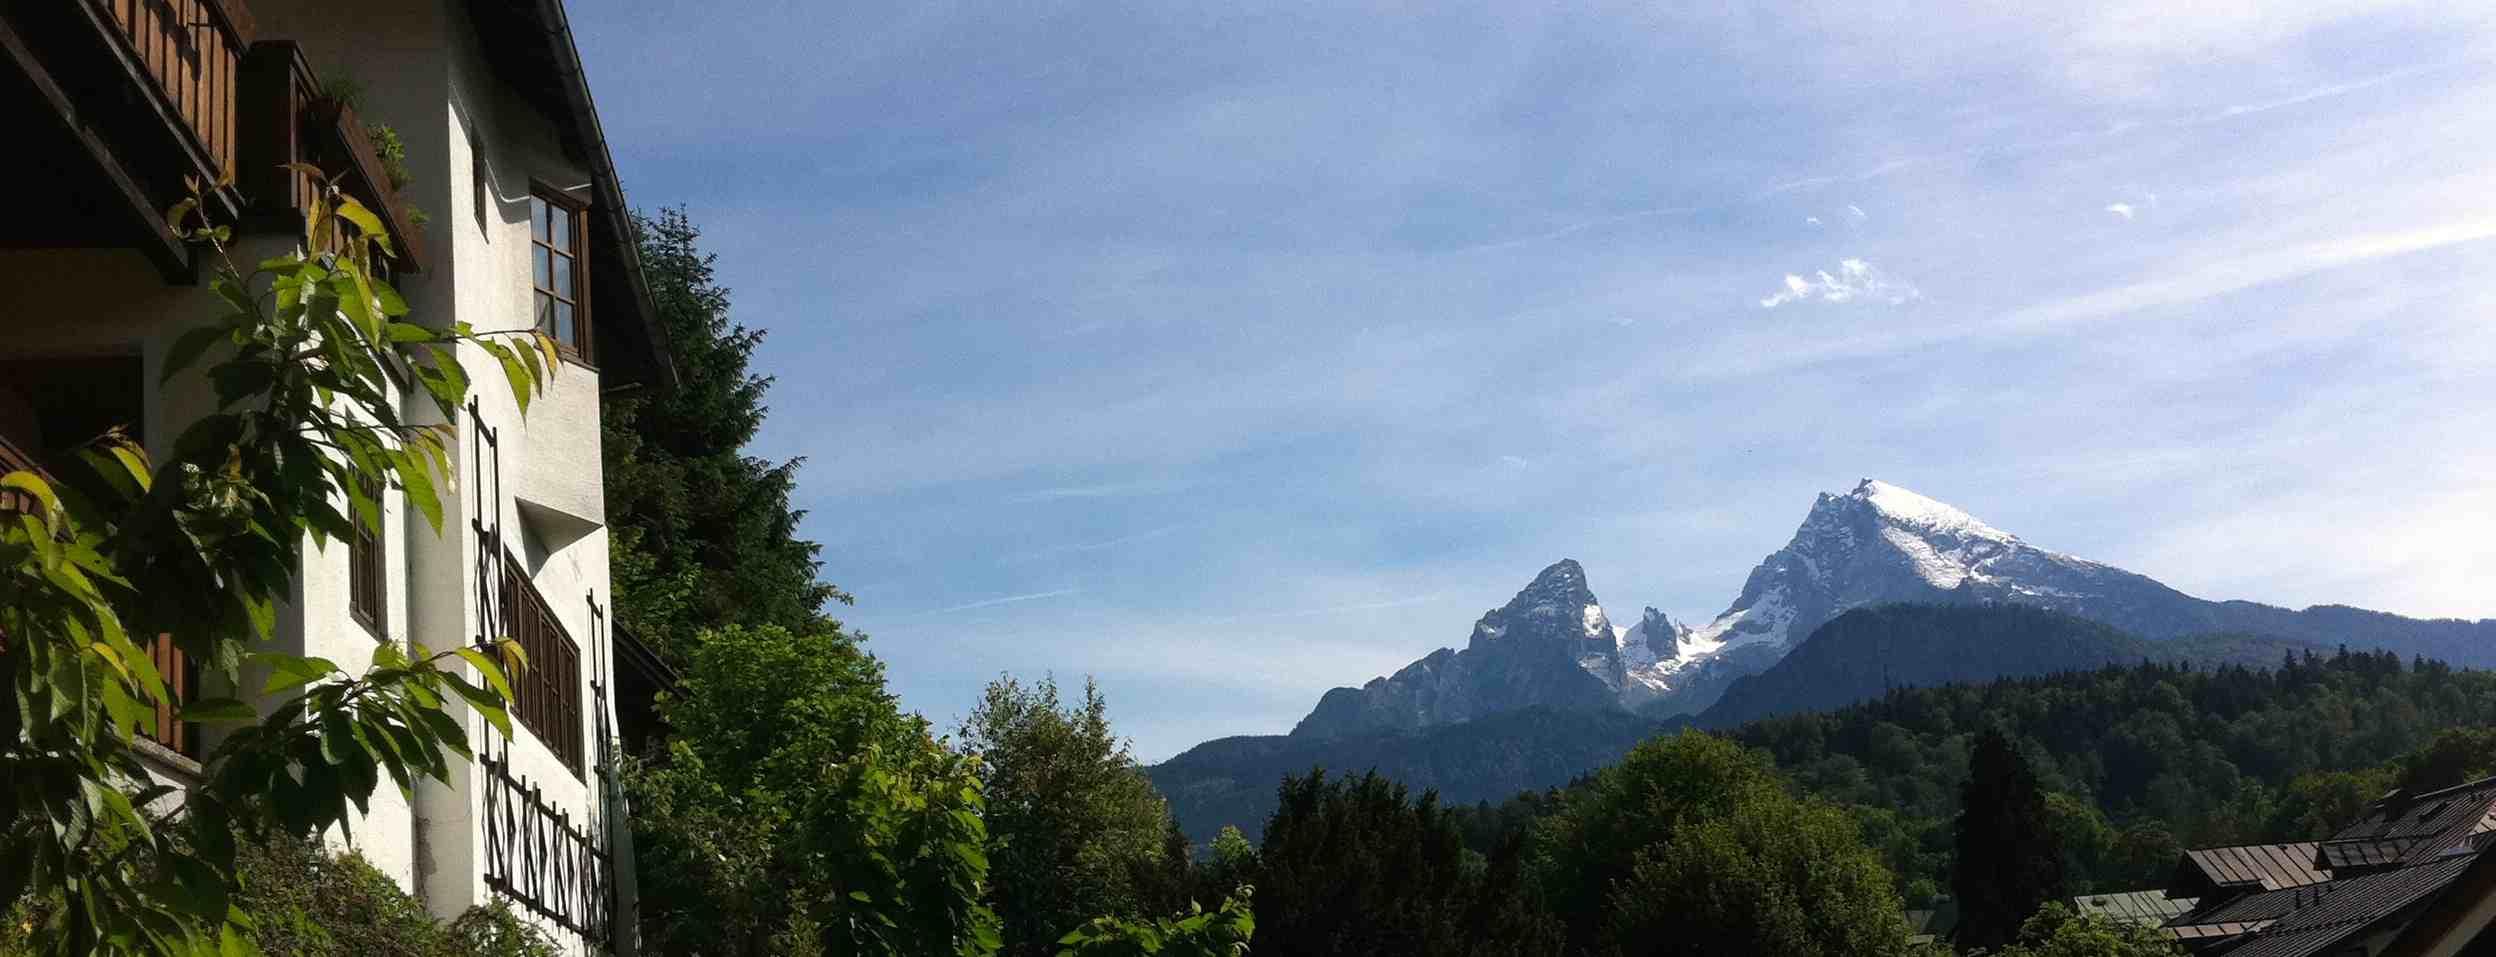 Ferienwohnungen direkt in Berchtesgaden